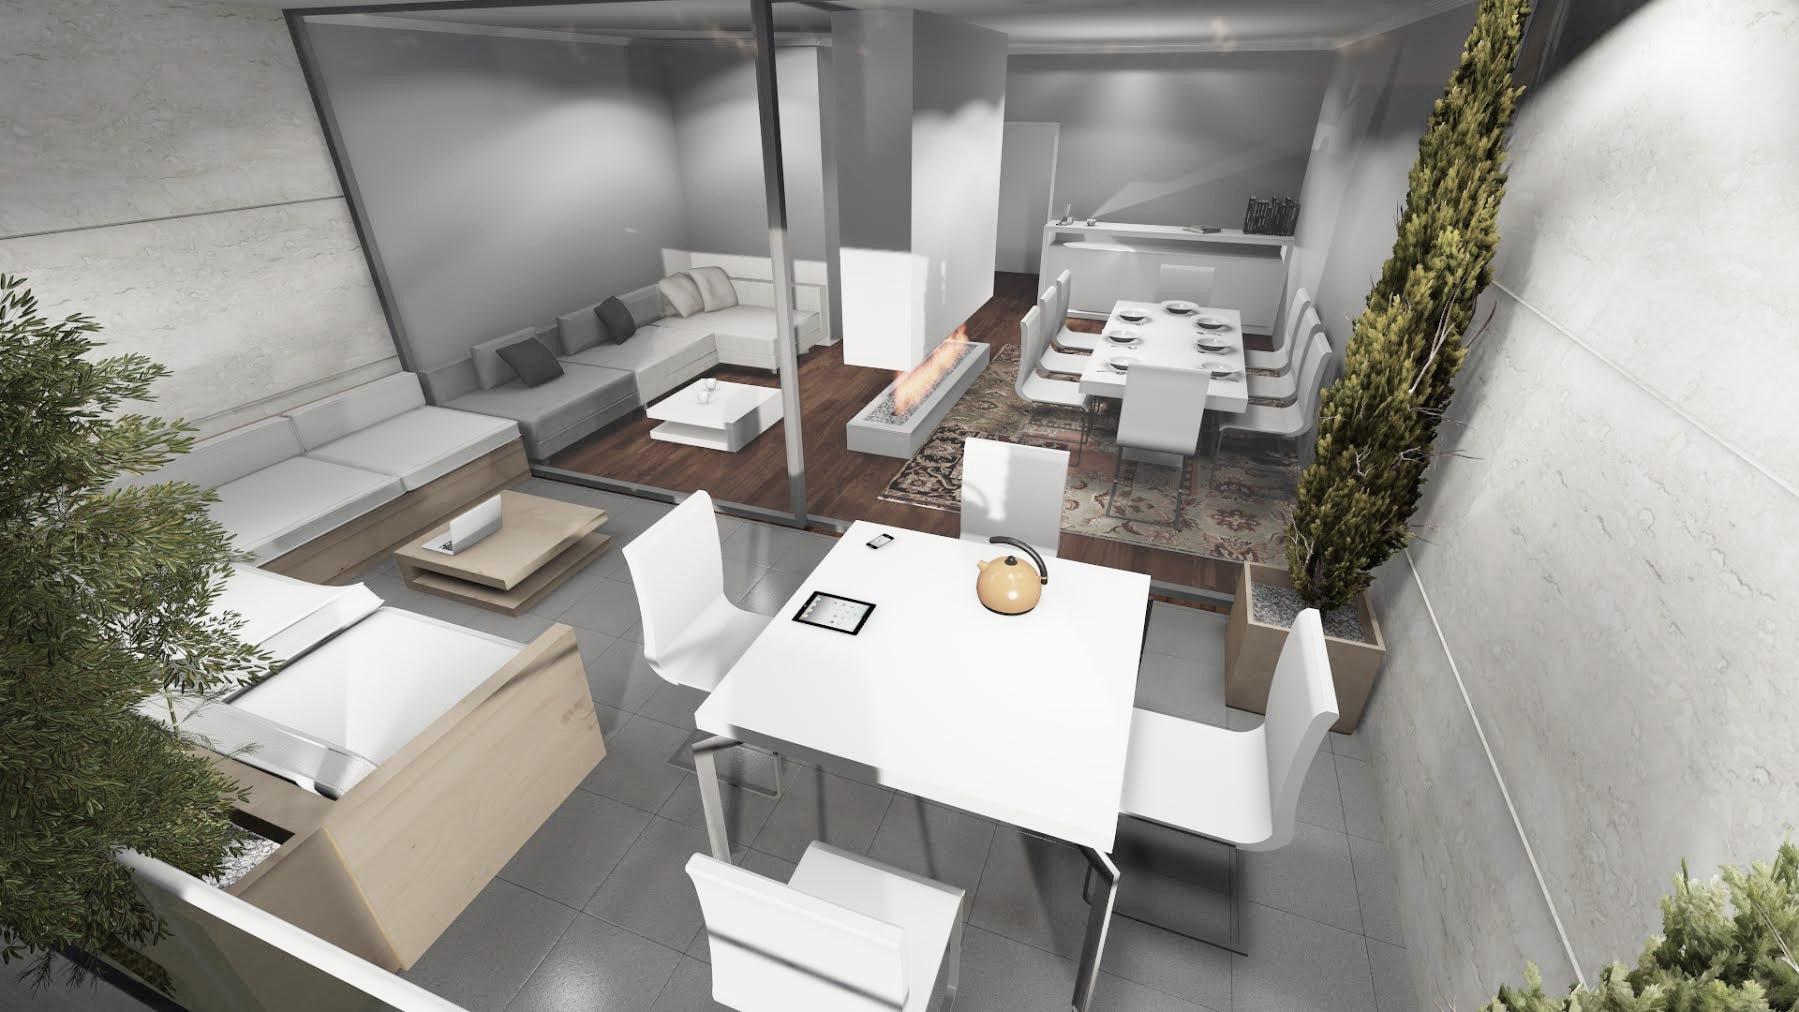 Arquitectura / Interiorismo / Tomas